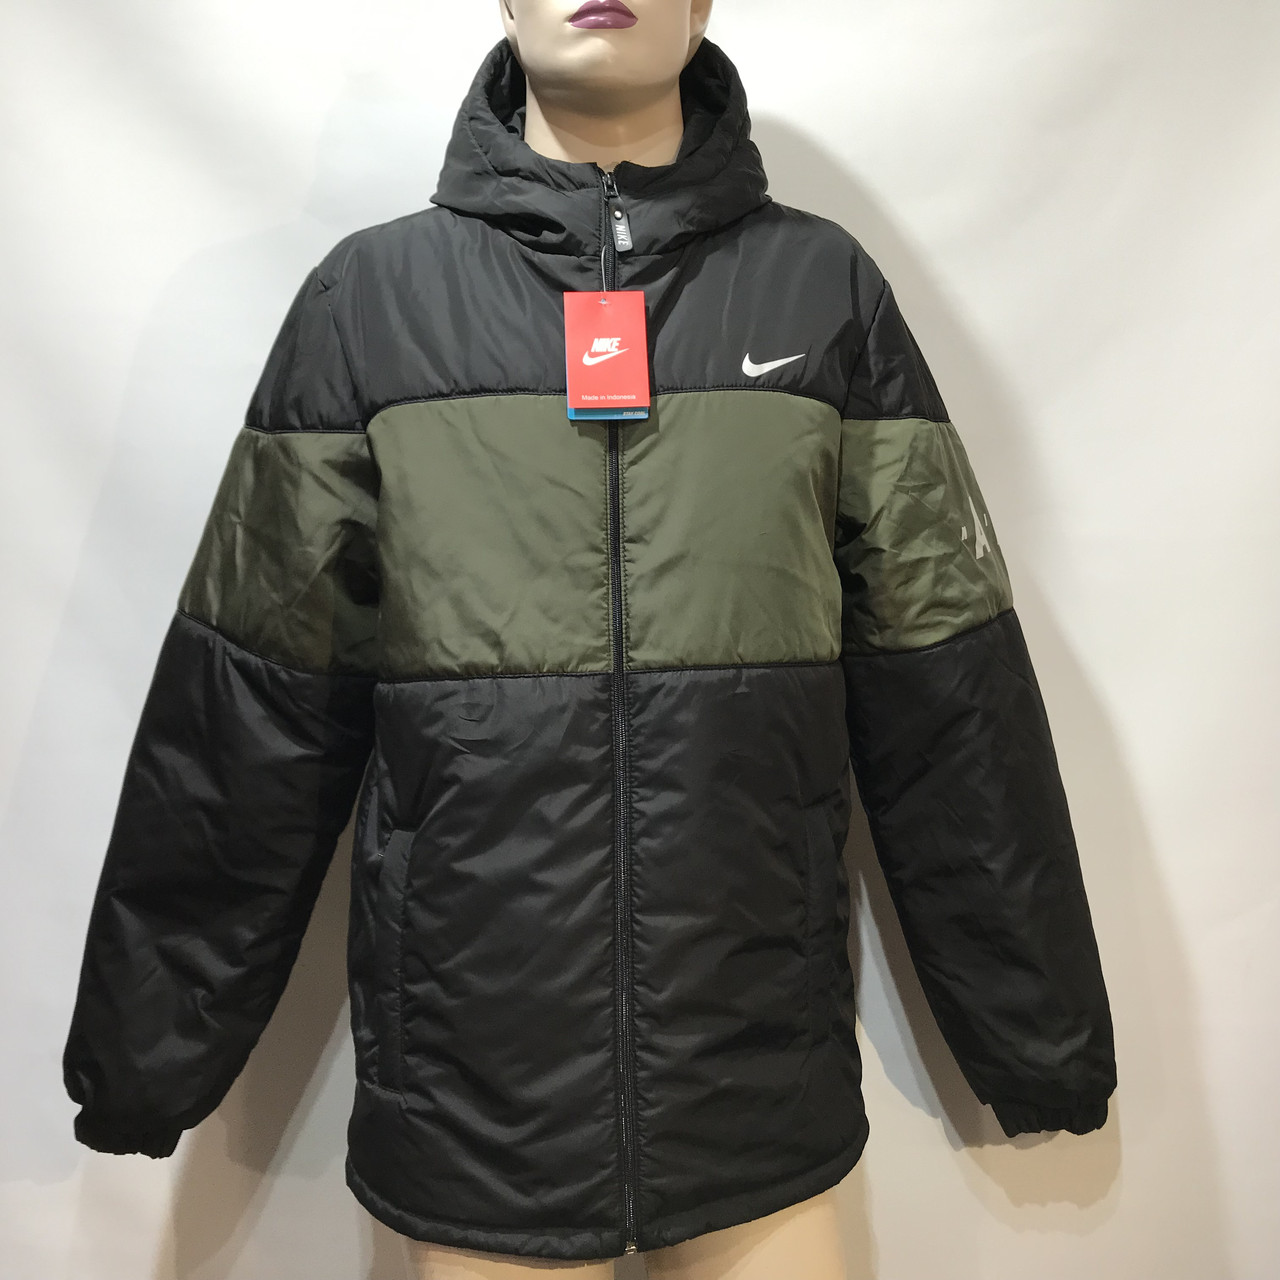 Куртка мужская Nike реплика  весна/осень